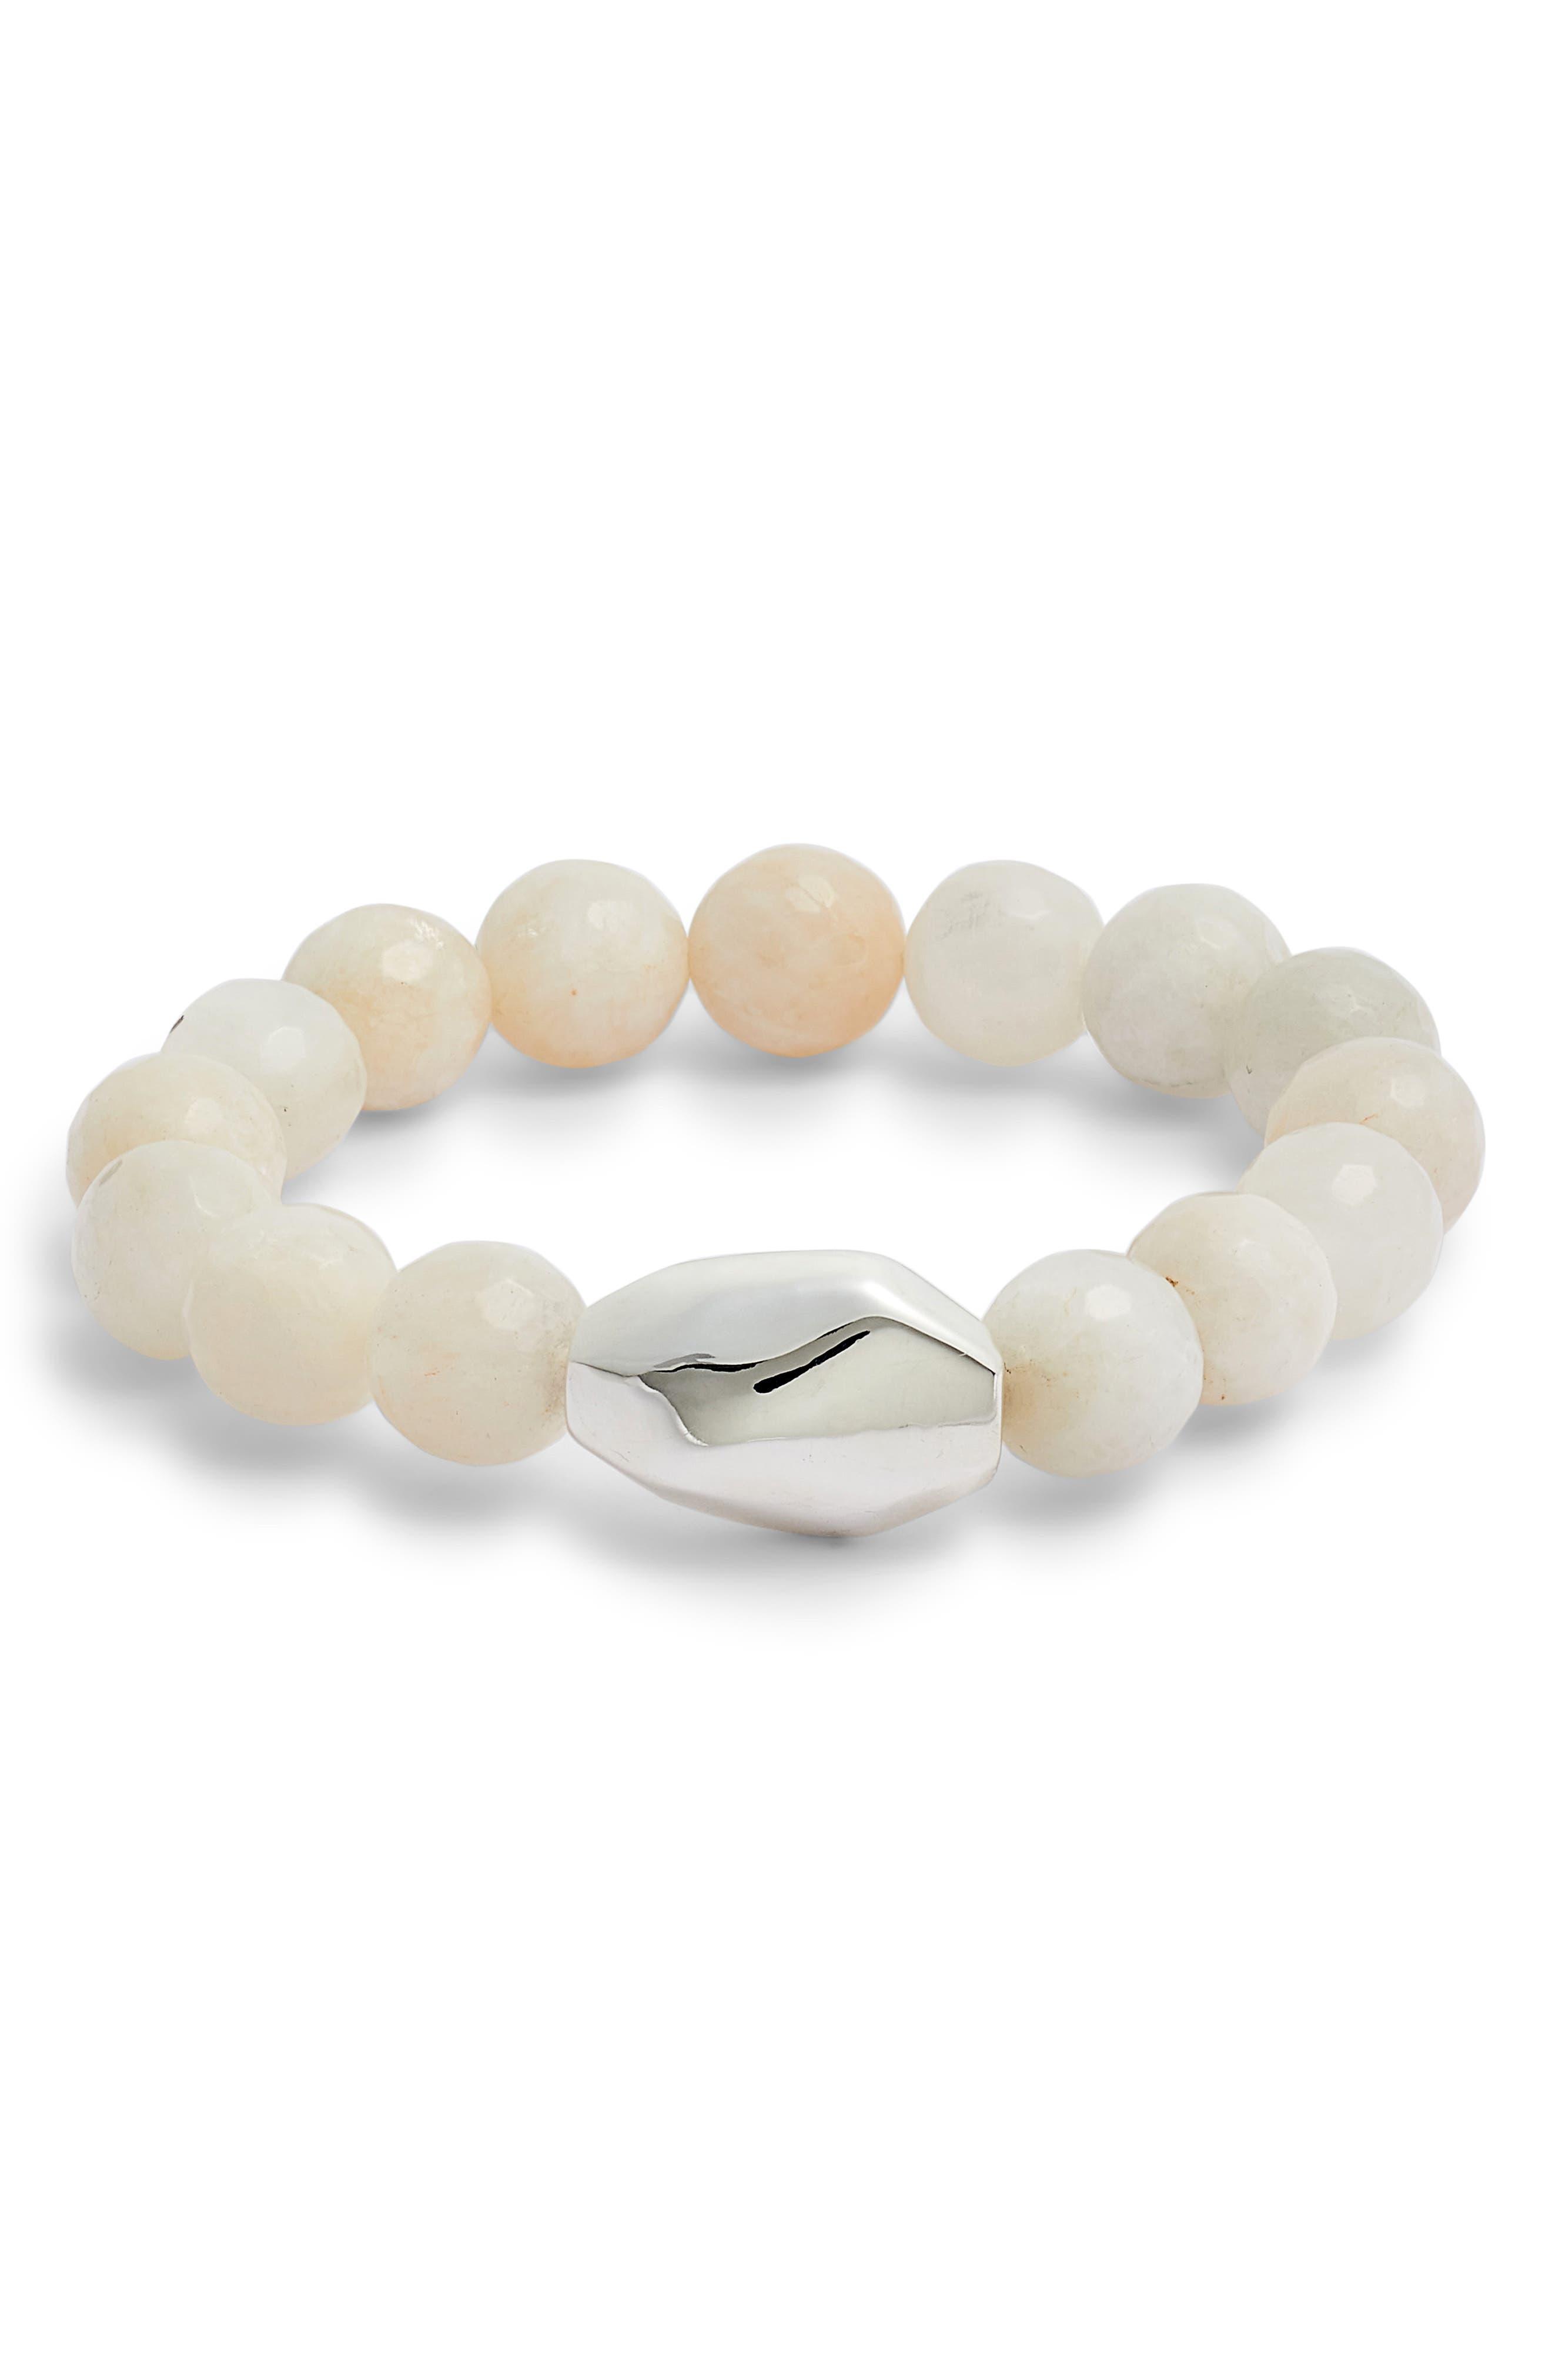 Simon Sebbag White Moonstone Stretch Bracelet